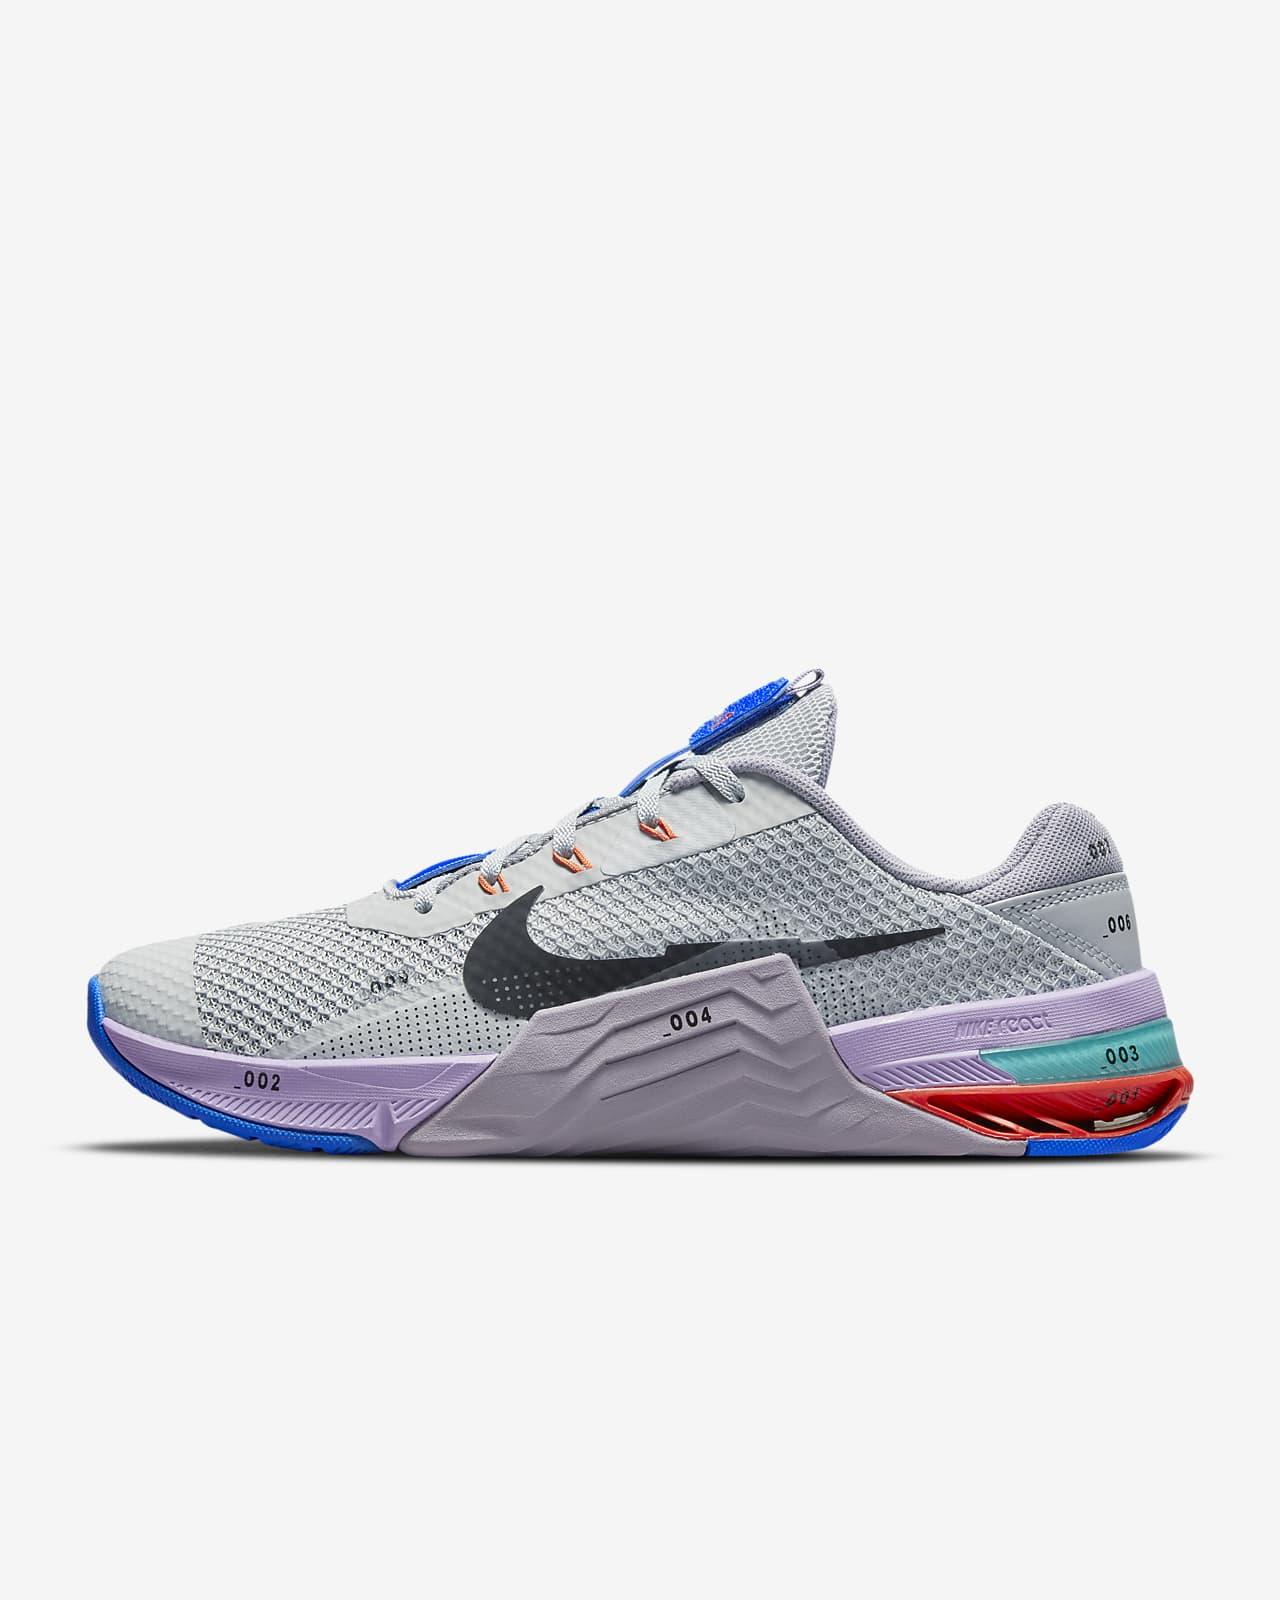 Nike Metcon 7 Antrenman Ayakkabısı